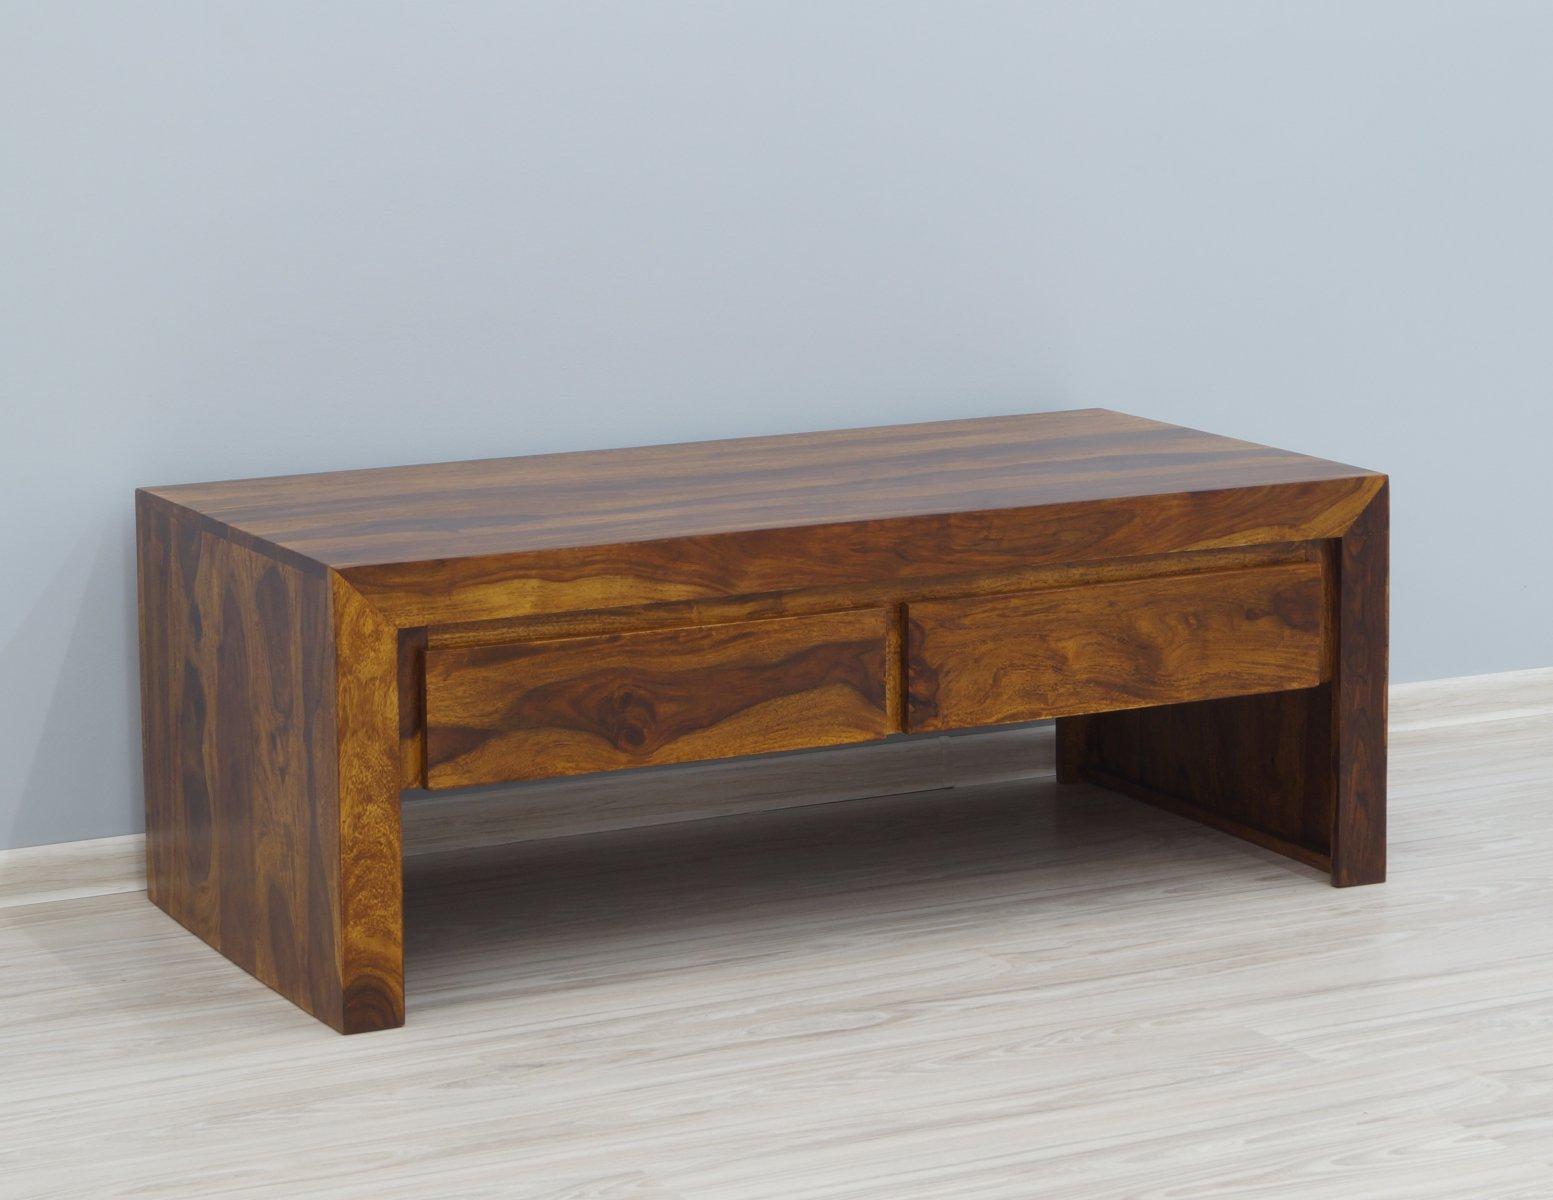 Ława kolonialna lite drewno palisander indyjski miodowy brąz 4 szuflady